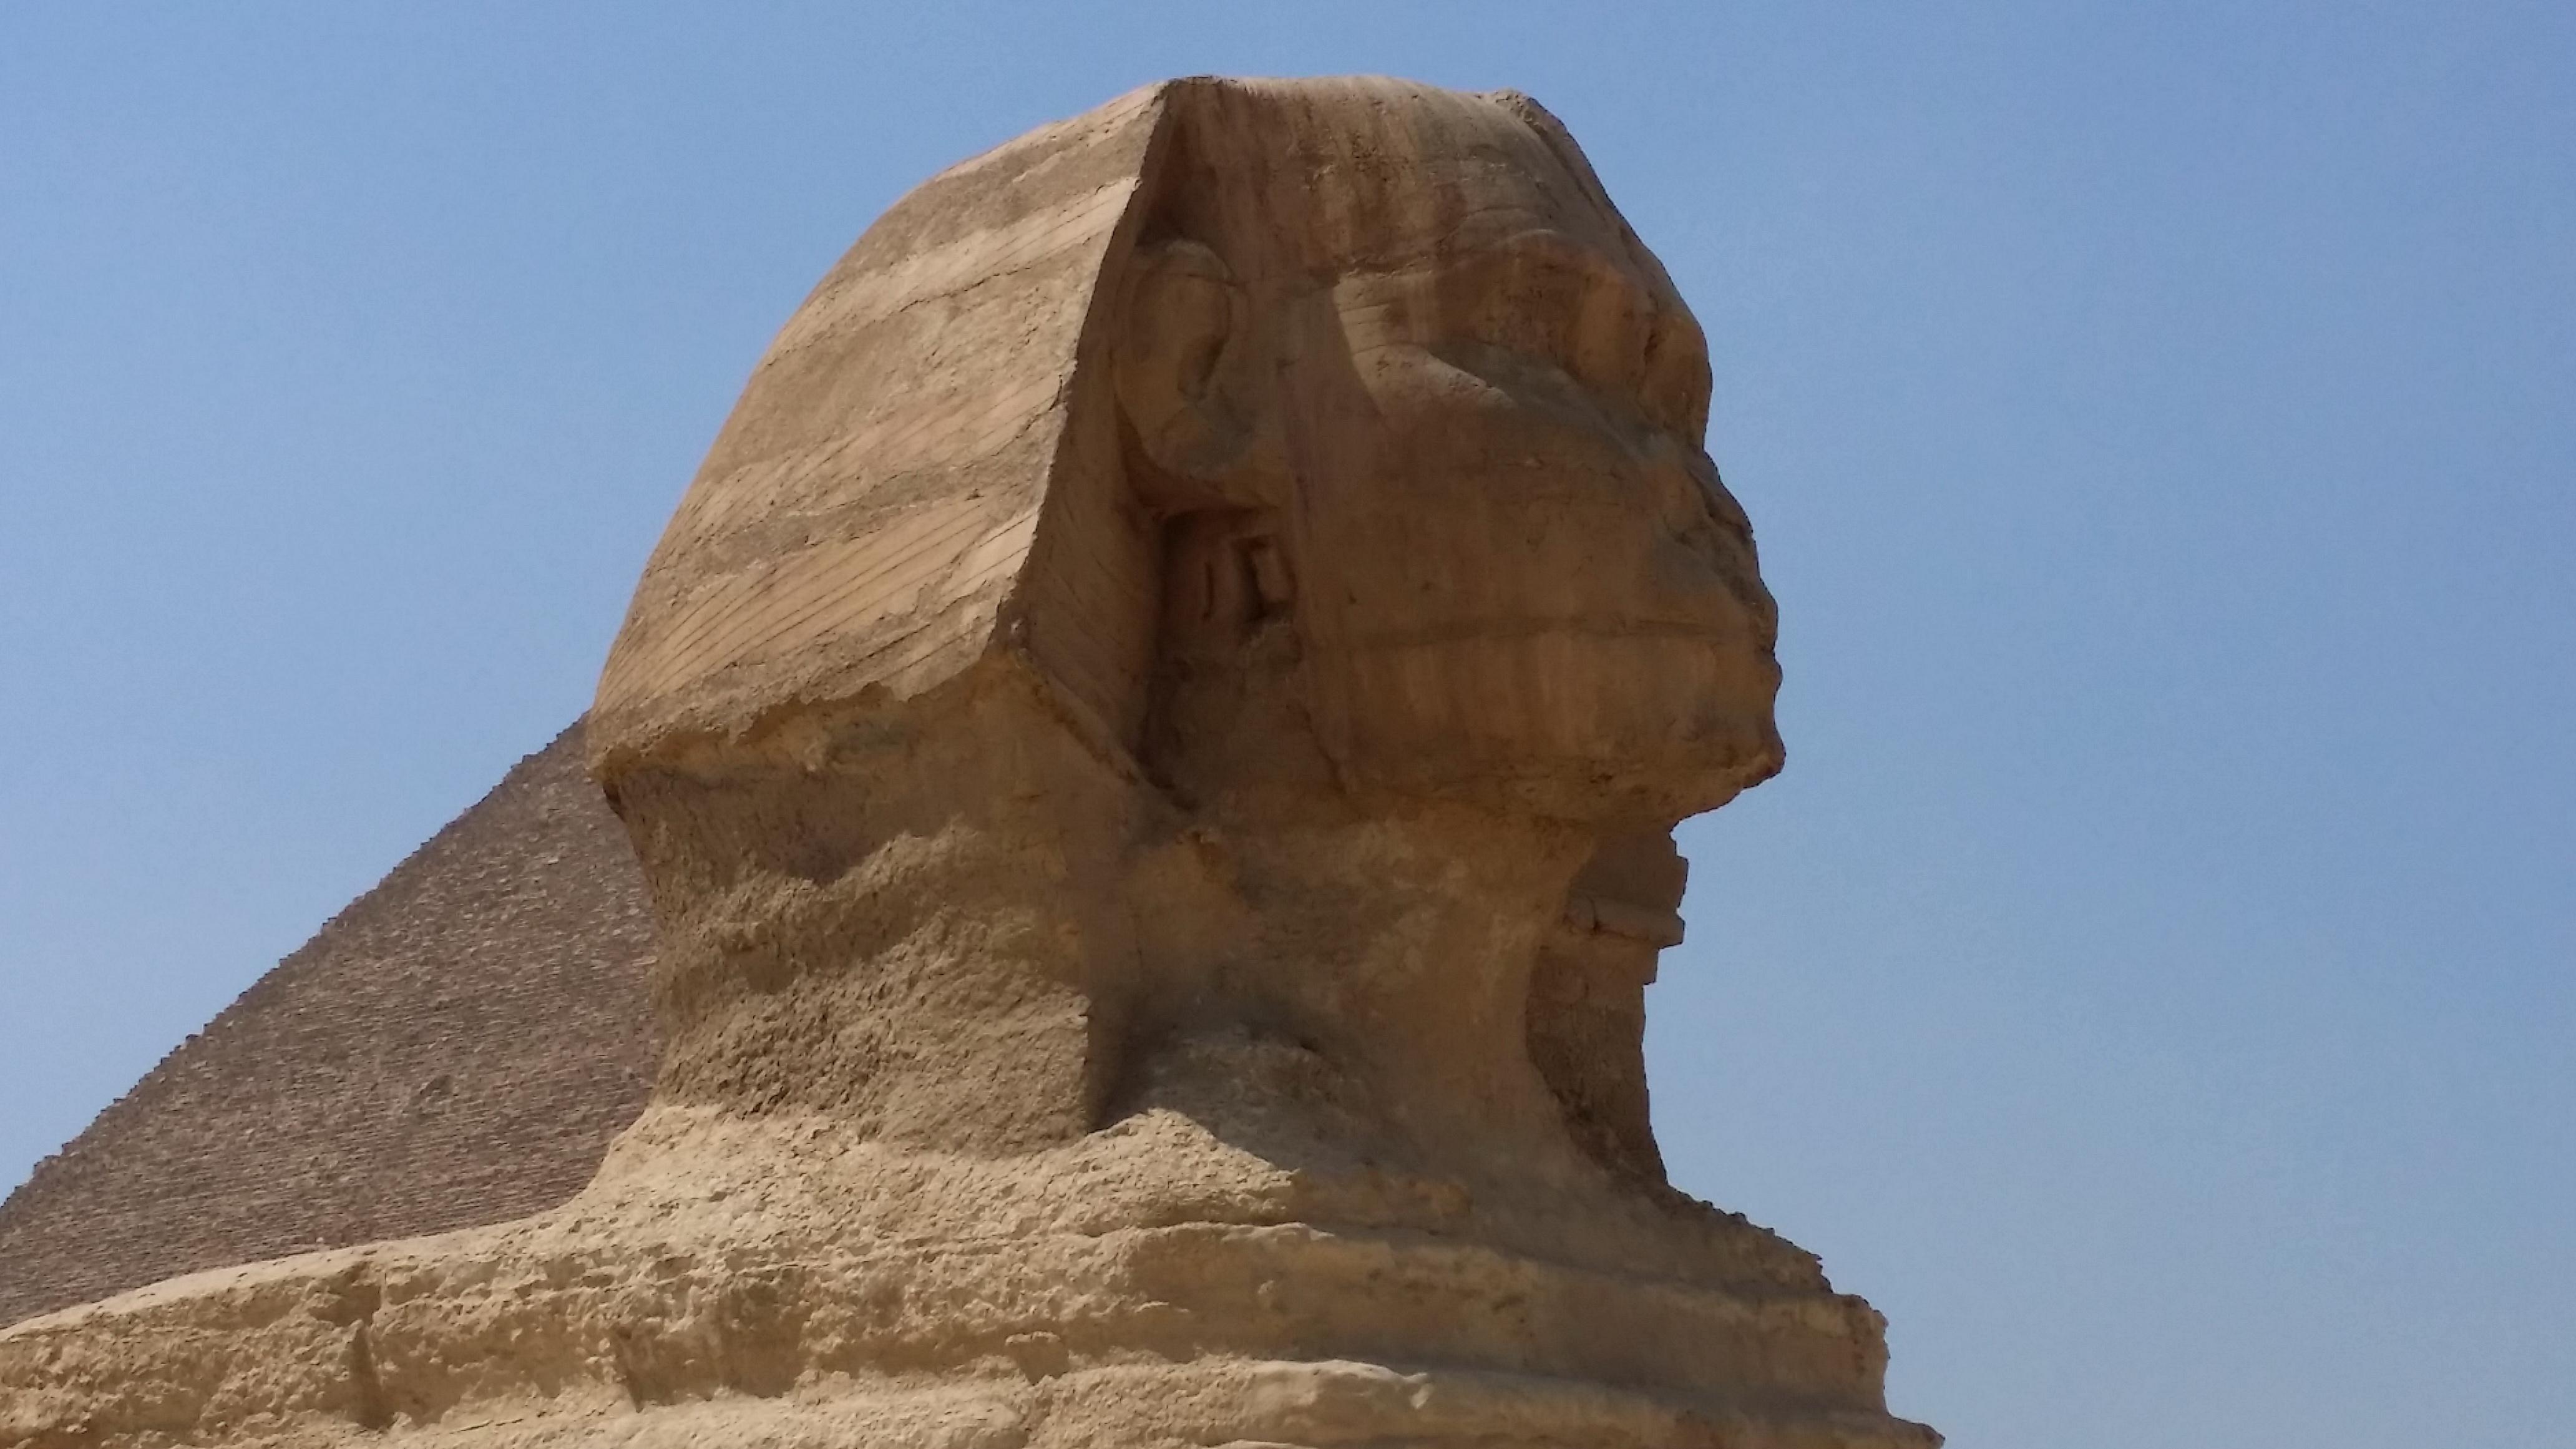 被黄沙埋没了4500年,挖出后的世界遗产,为什么没有鼻子?